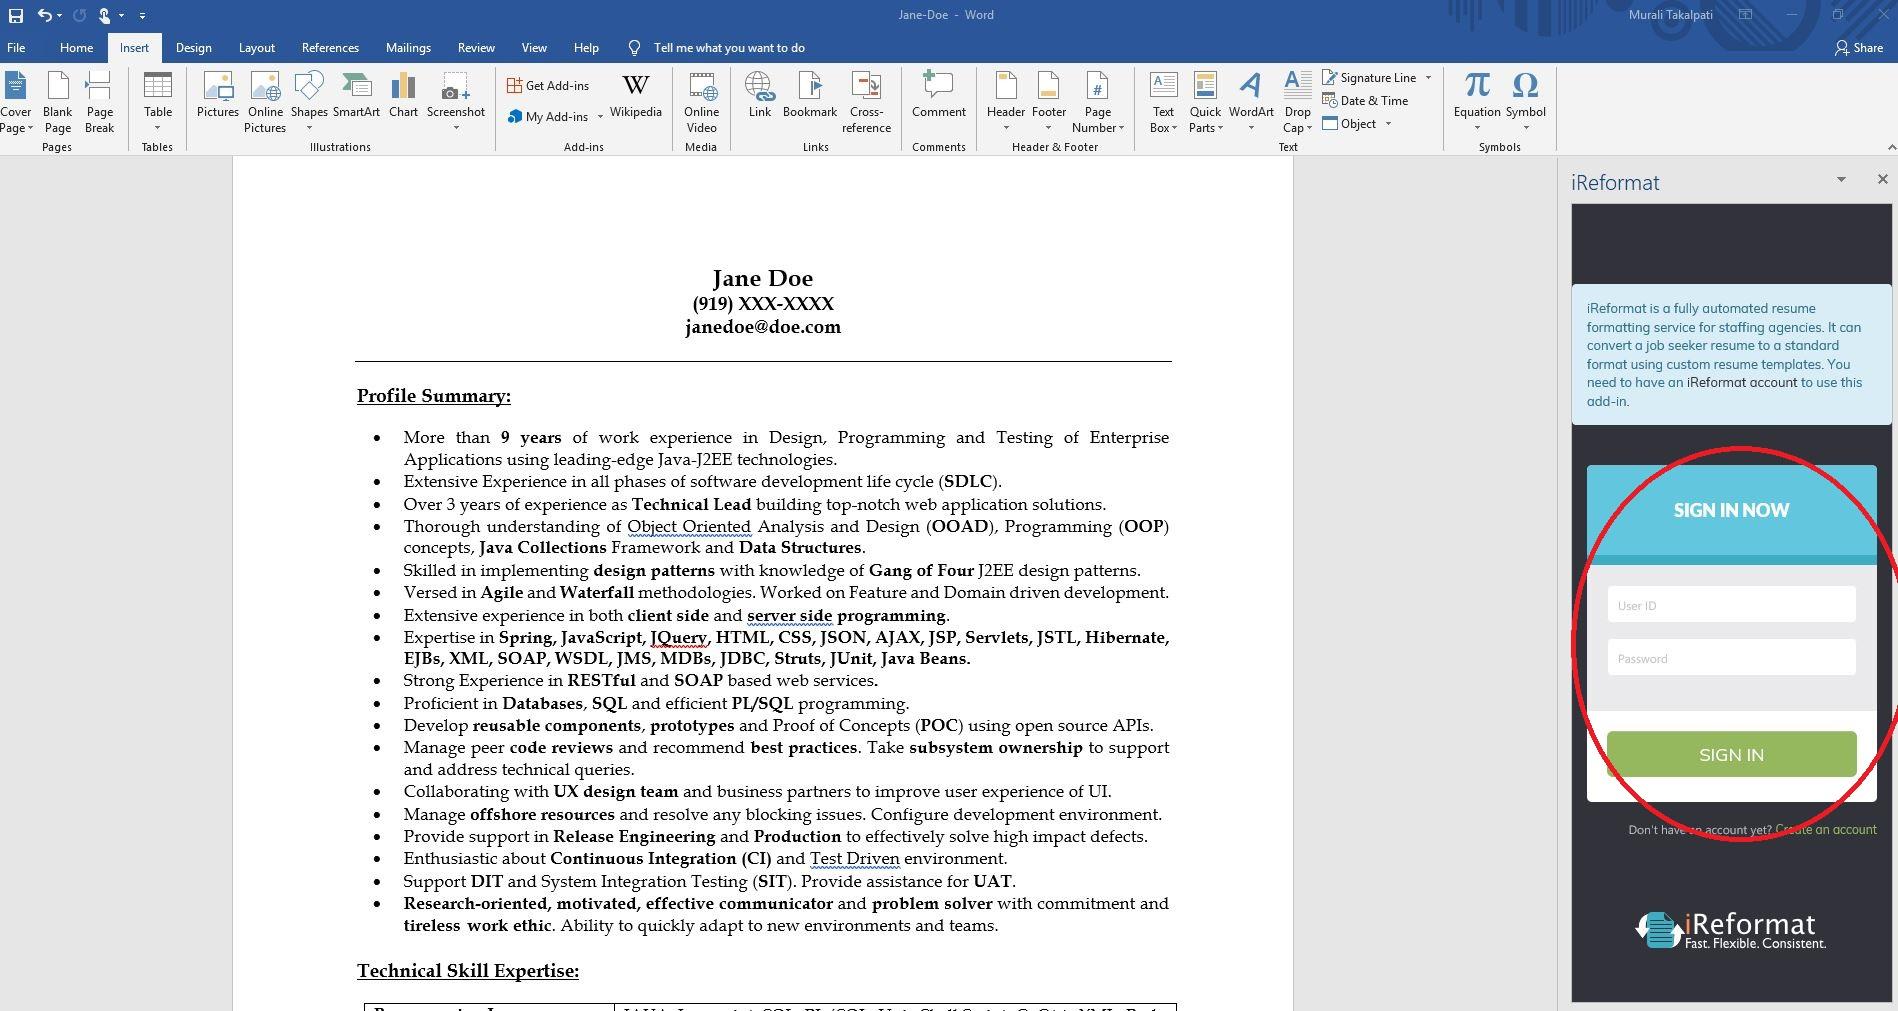 iReformat Office app Login Screen